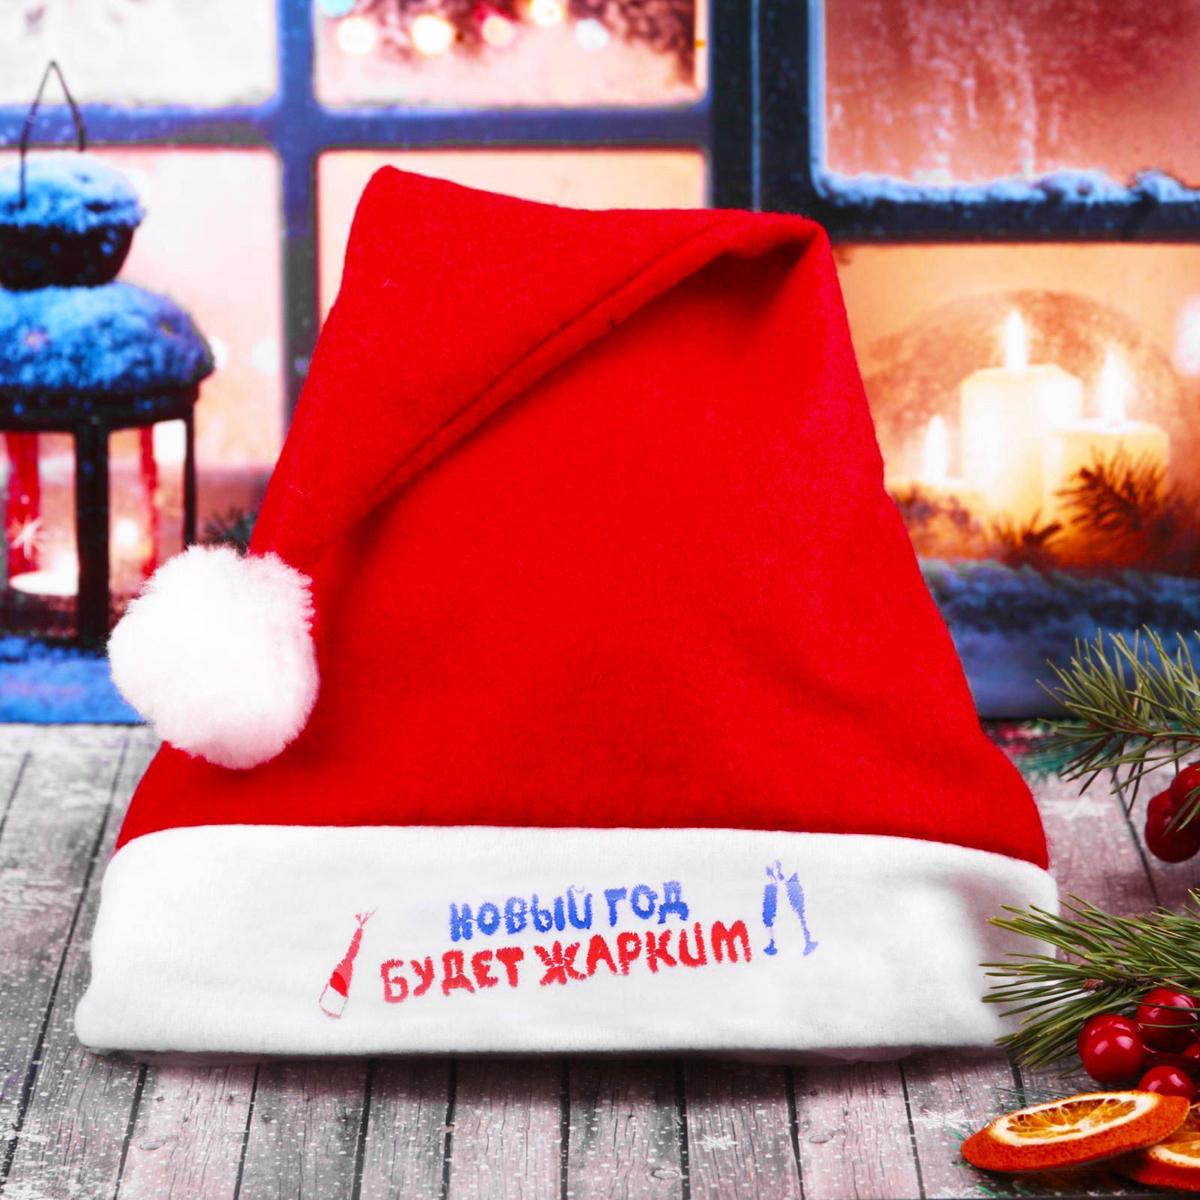 """Колпак """"Новый год будет жарким"""" — традиционный новогодний головной убор,  который дополнит любой праздничный костюм. Будет это корпоративная  вечеринка, утренник в школе или отдых в компании друзей — изделие поднимет  настроение, где бы вы ни находились. Колпачок подойдет тем, кто собирается  отмечать зимний праздник в помещении. В противном случае его следует надеть  на теплую шапку, чтобы не простудиться."""